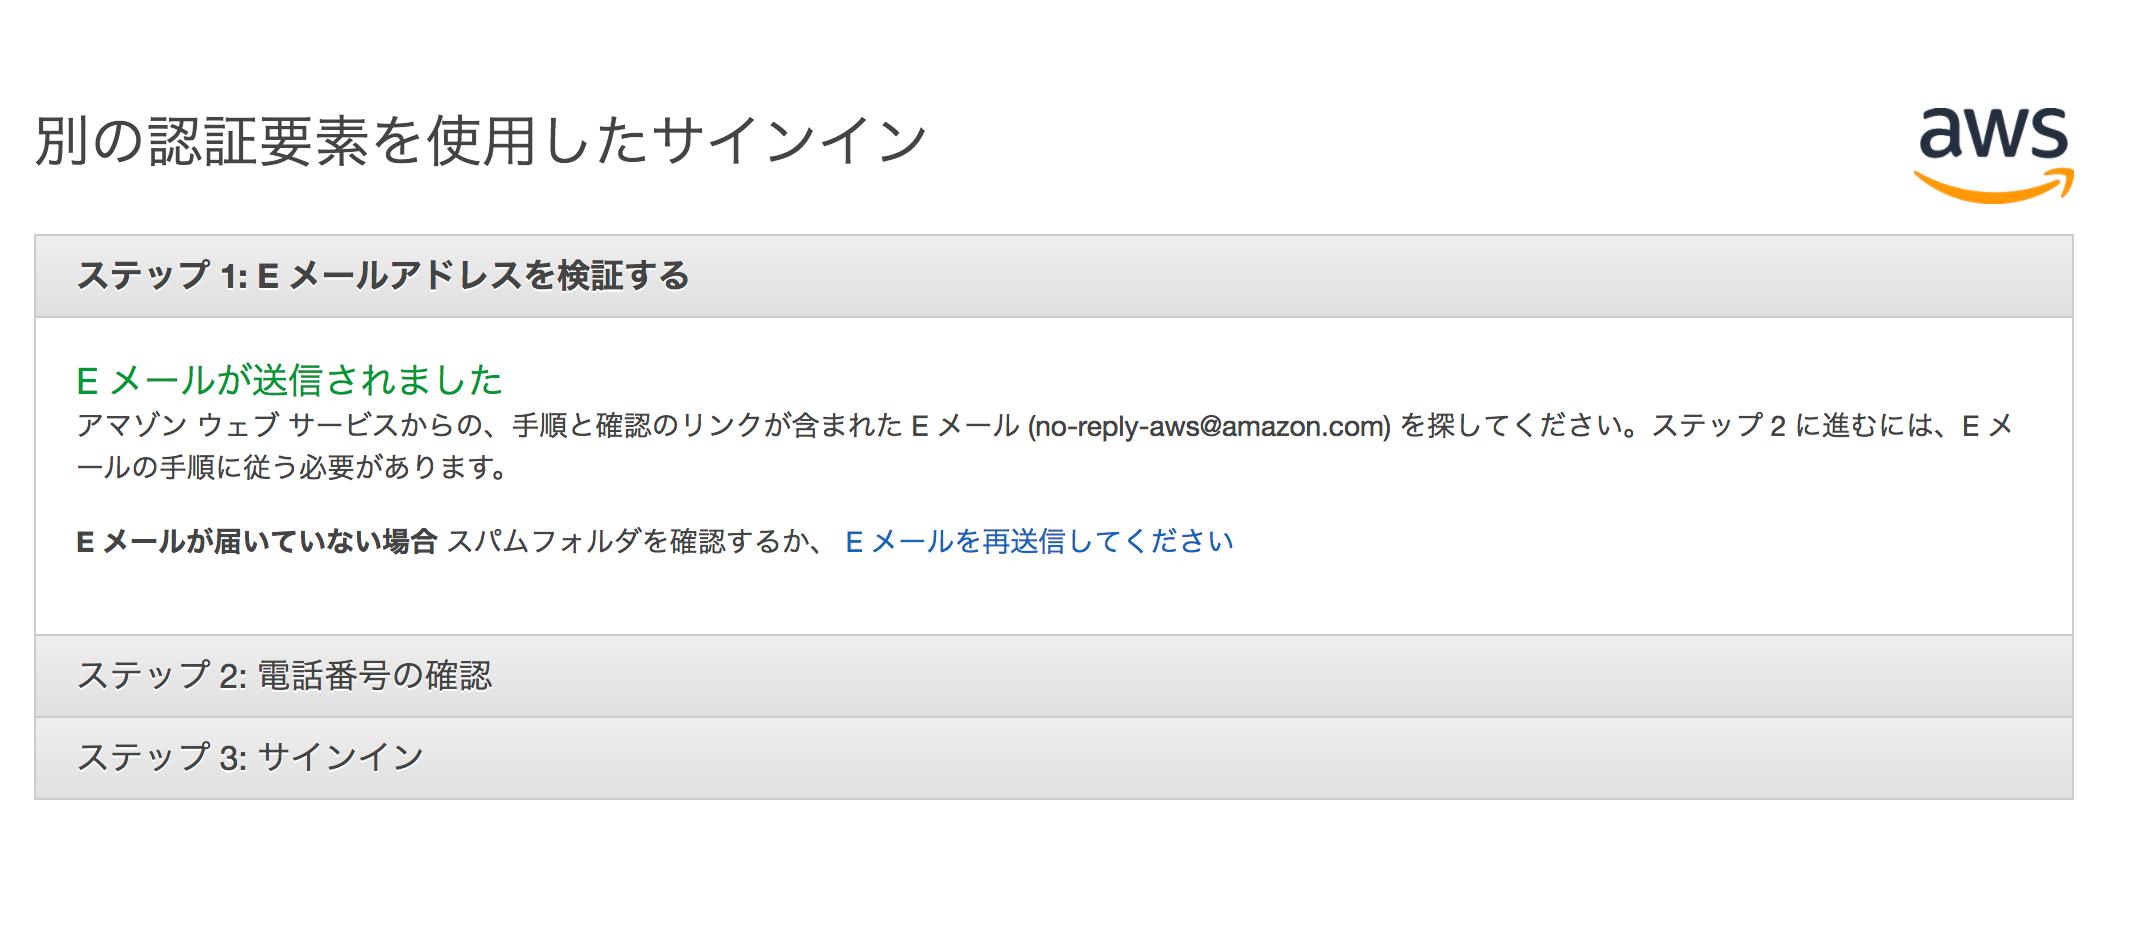 別の認証要素によるアマゾン_ウェブ_サービスのログイン.png